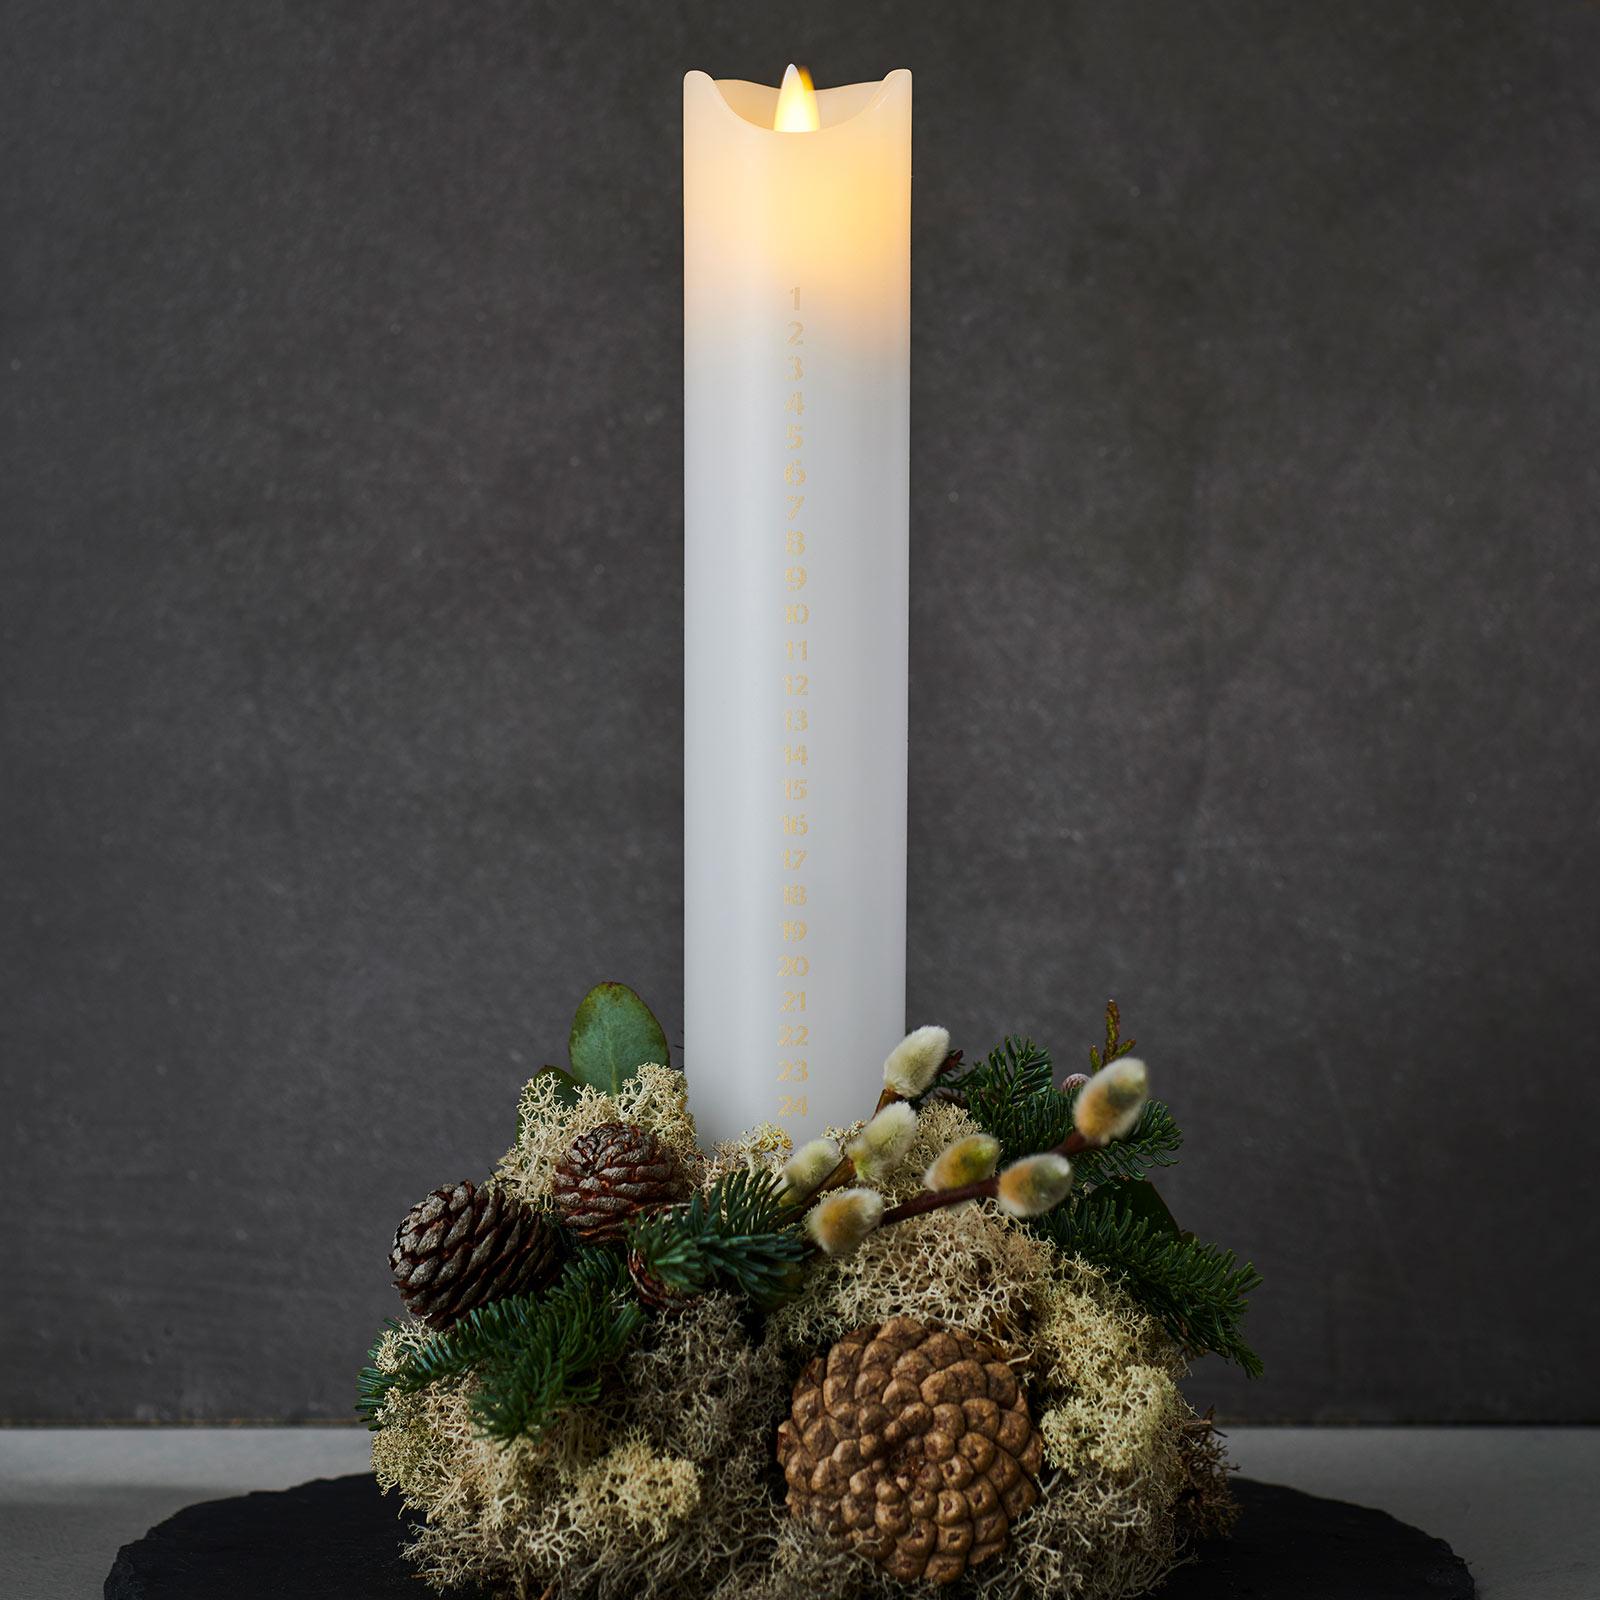 Bougie LED Sara Calendar, blanc/doré, H29cm